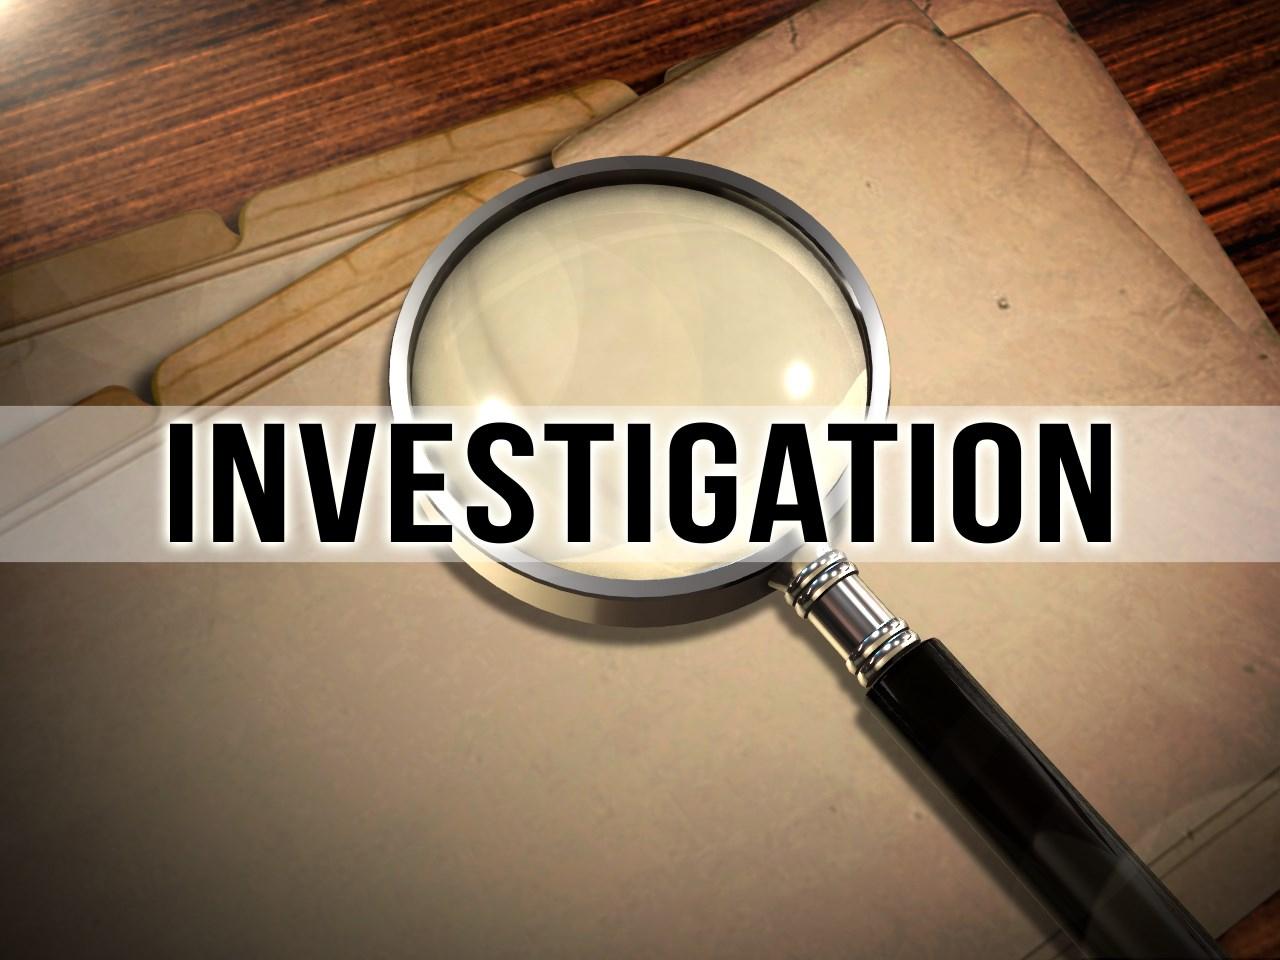 investigationnnnn_1547745987624.jpg